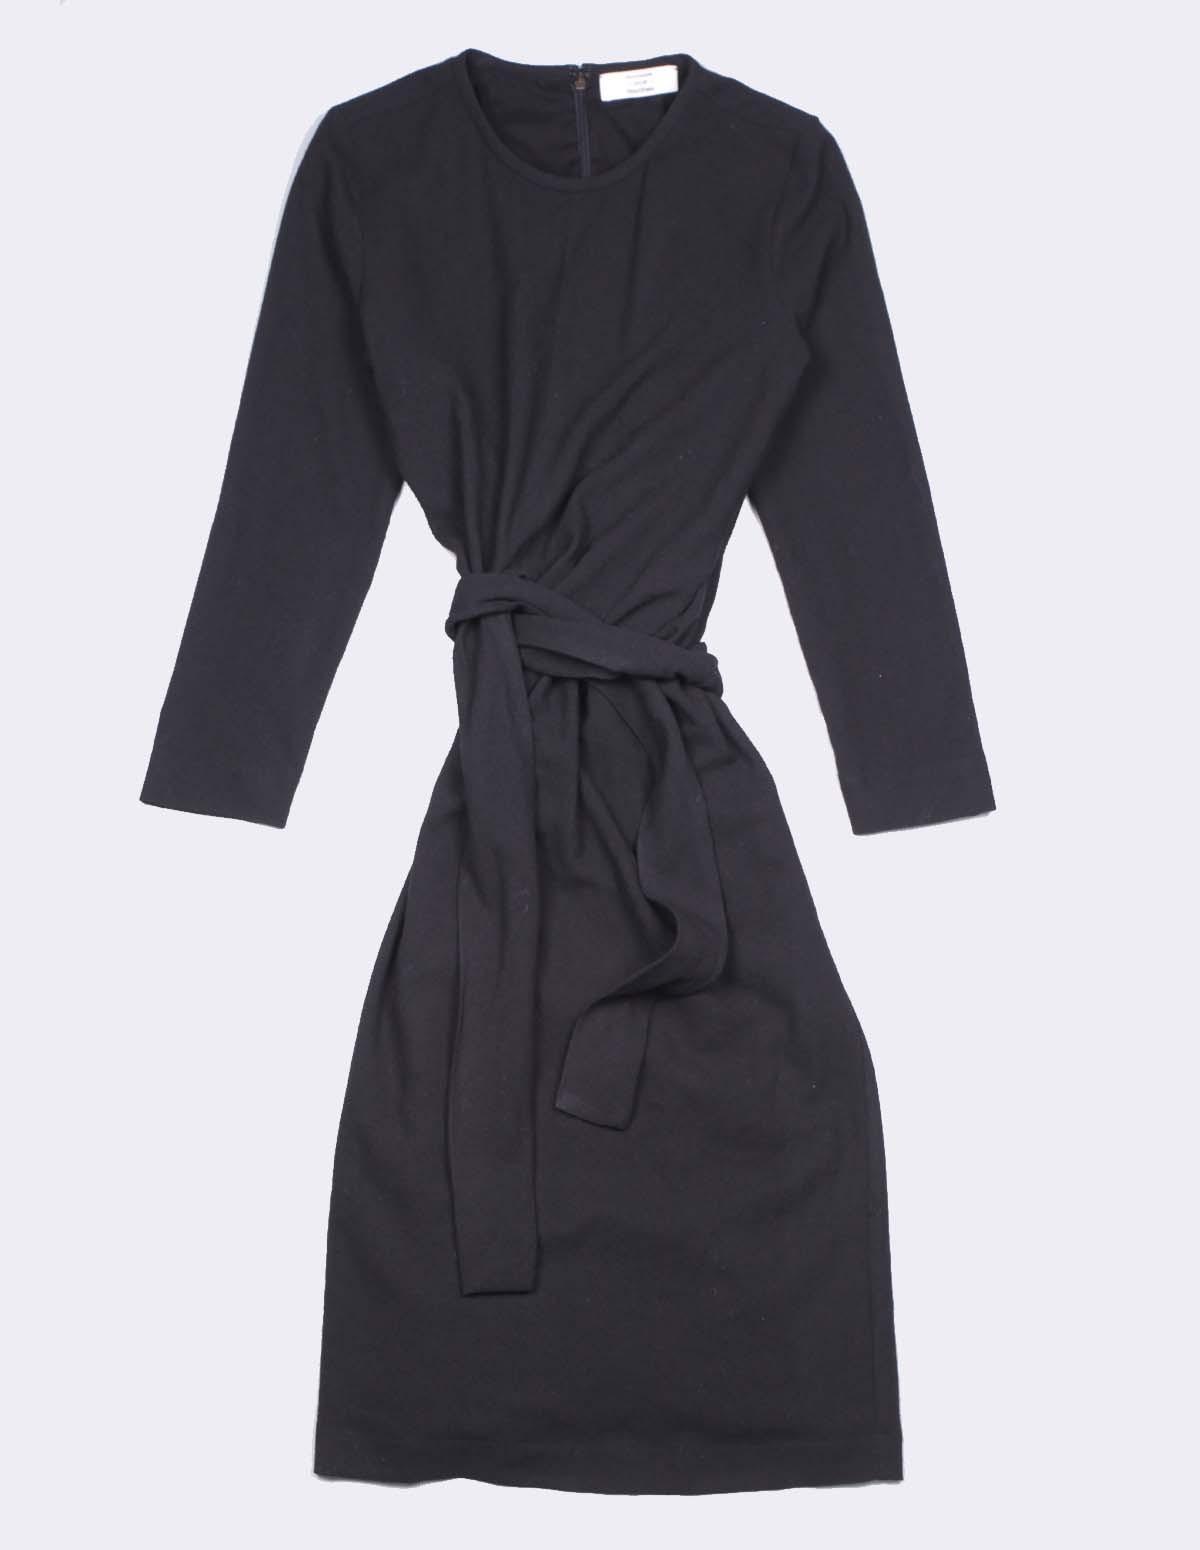 Pom 3184f/40245 Exclu Ft Dress - 99 NOIR